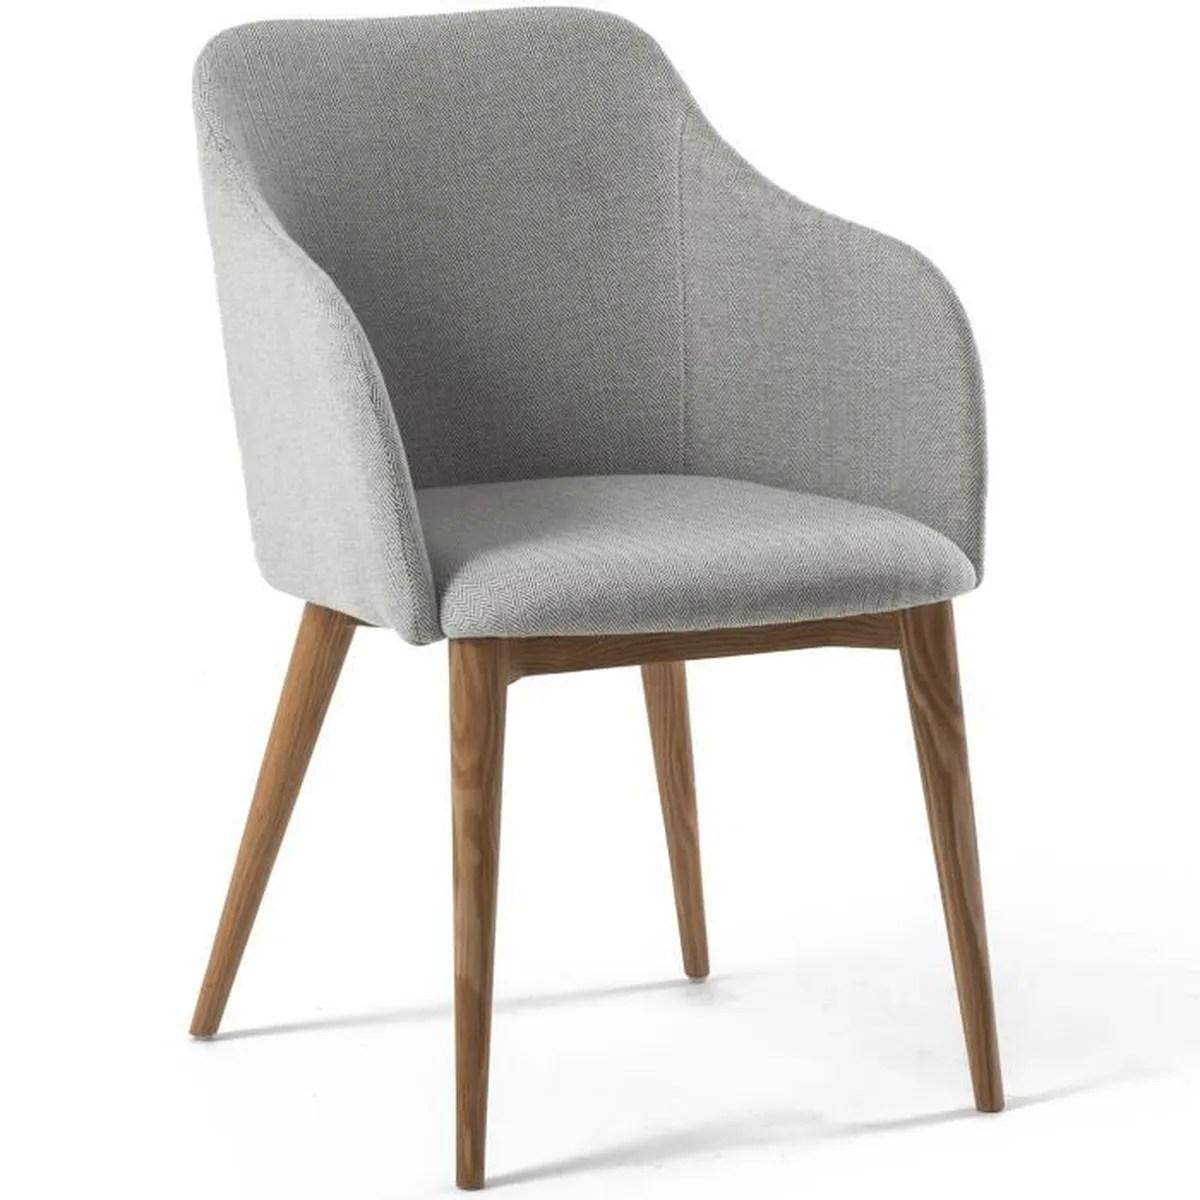 Chaise Avec Accoudoir Design Scandinave Varm Gris Clair Achat